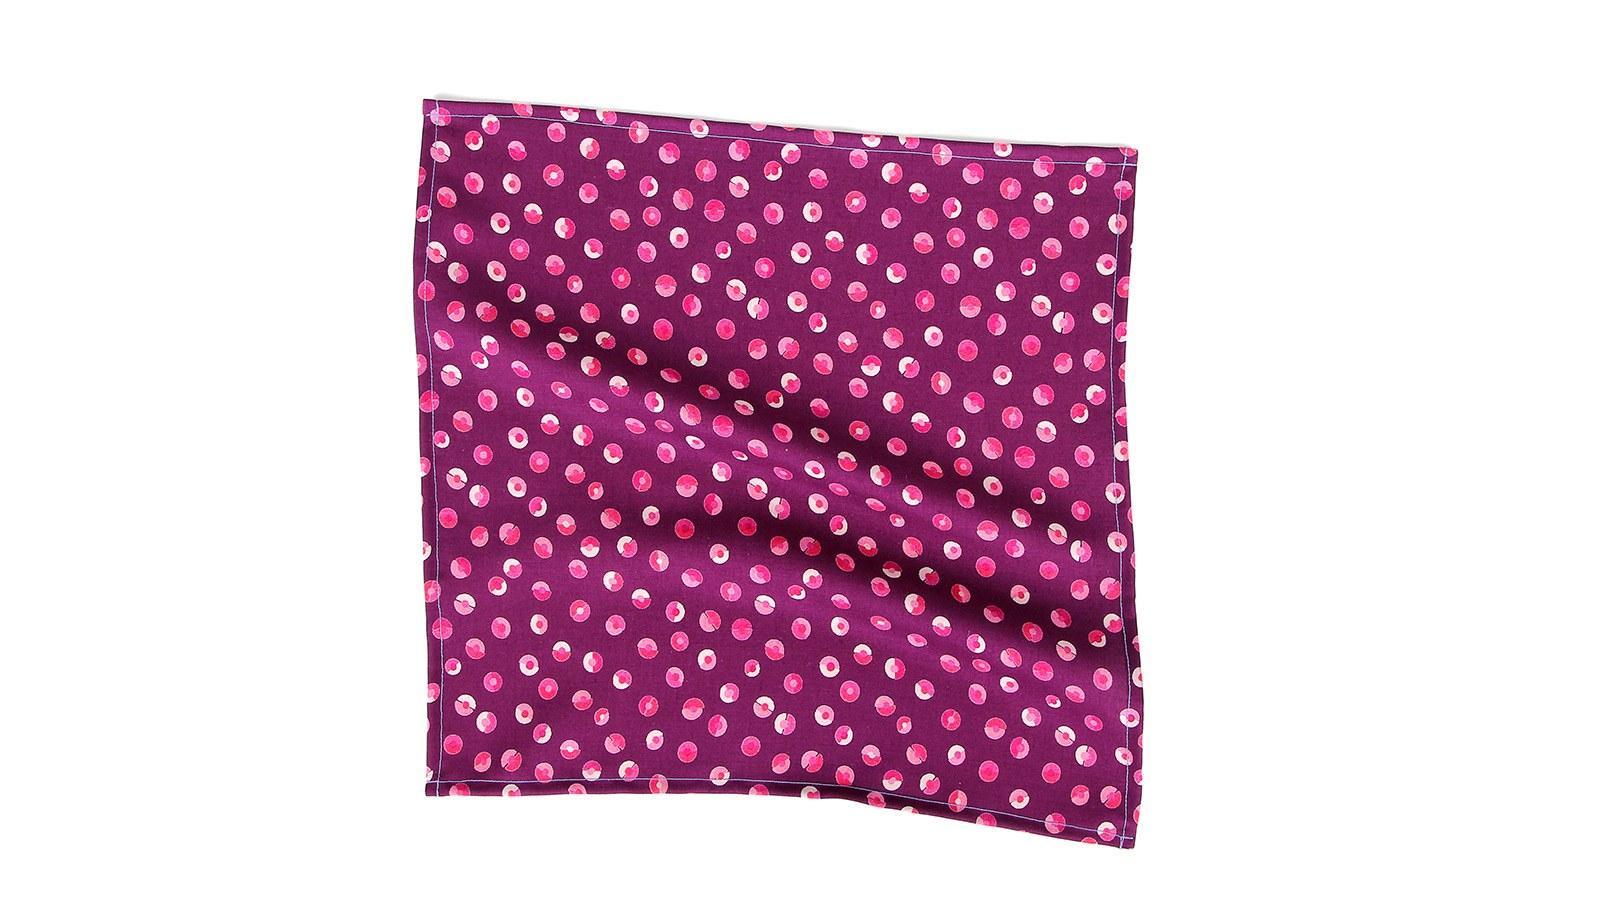 Pink & Purple Patterned Cotton Pocket Square - slider image